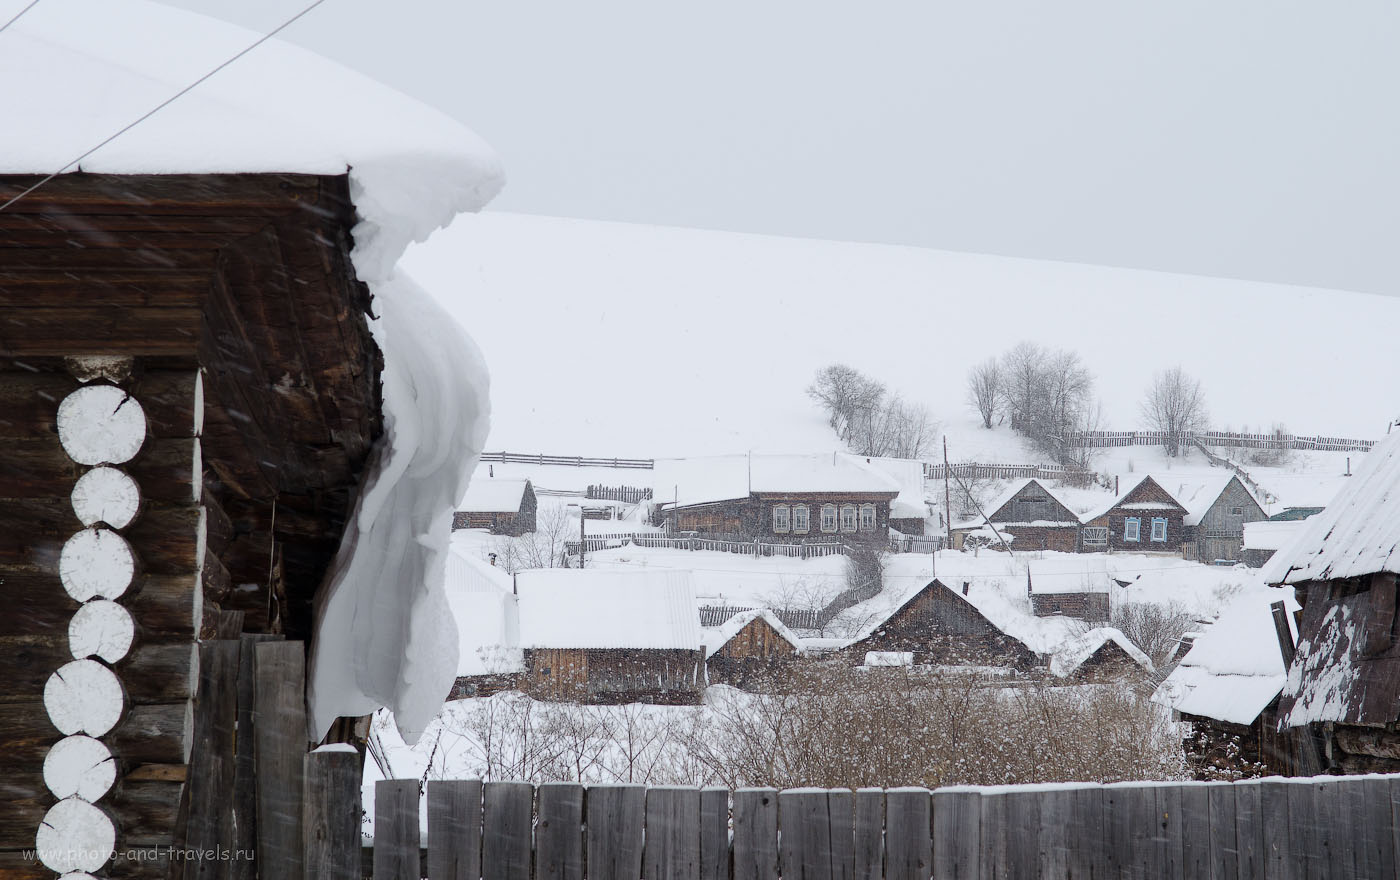 """Фотография 17. Снег на селе. Если бы ввел коррекцию экспозиции в плюс, мог бы назвать снимок """"Белое безмолвие""""."""